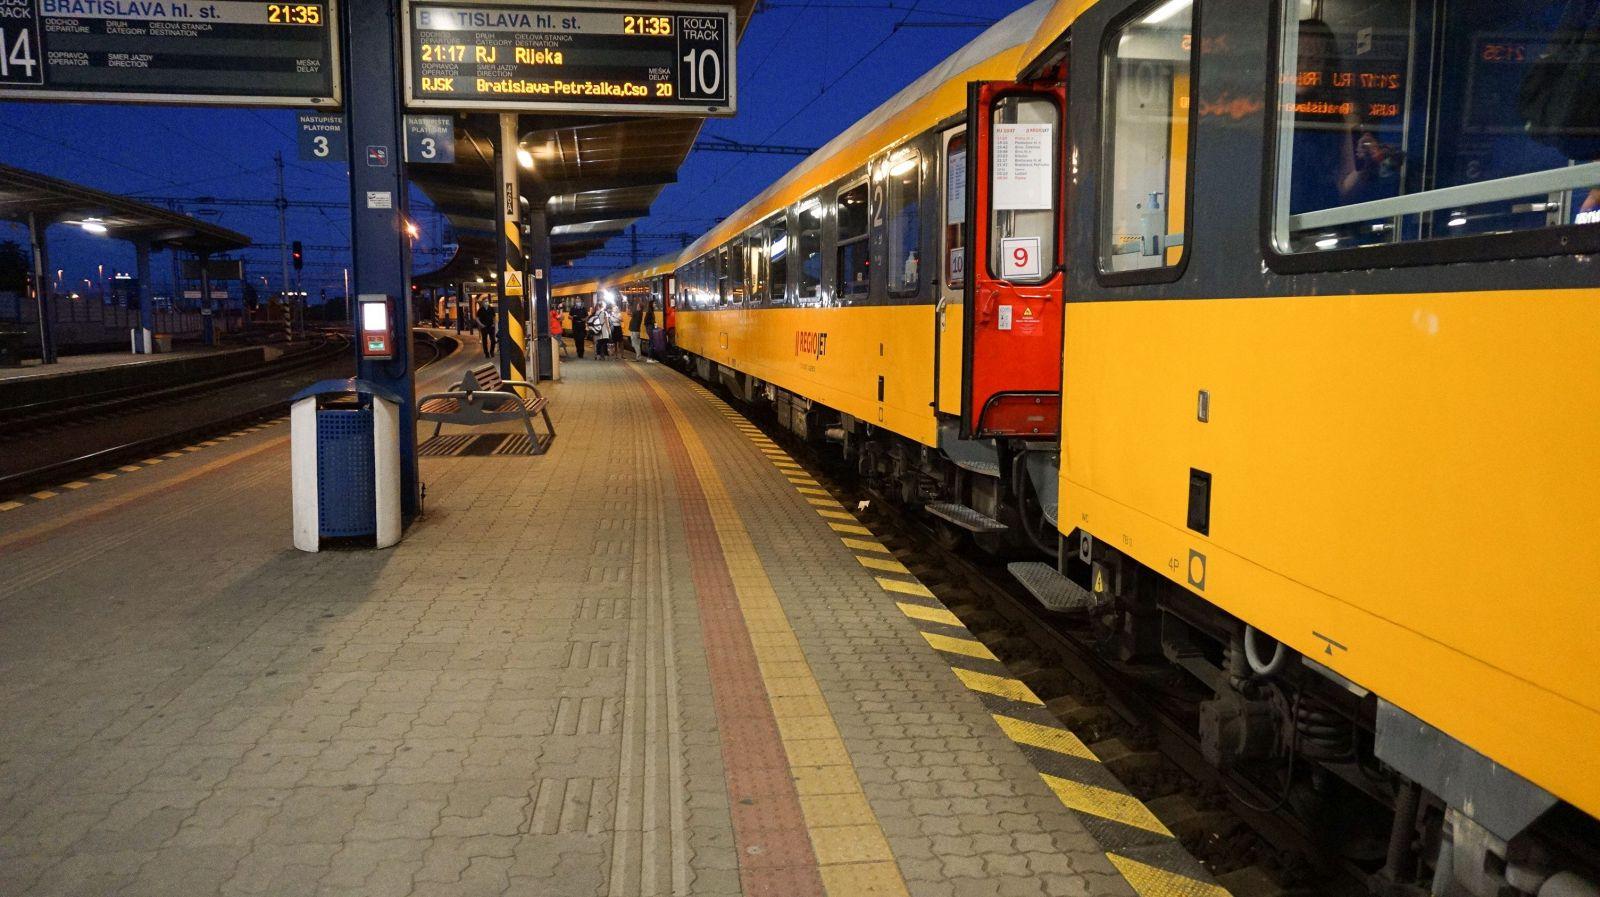 Včera odišli Slováci prvým vlakom do Chorvátska: Niektorí si pre istotu zbalili viac rúšok než ponožiek